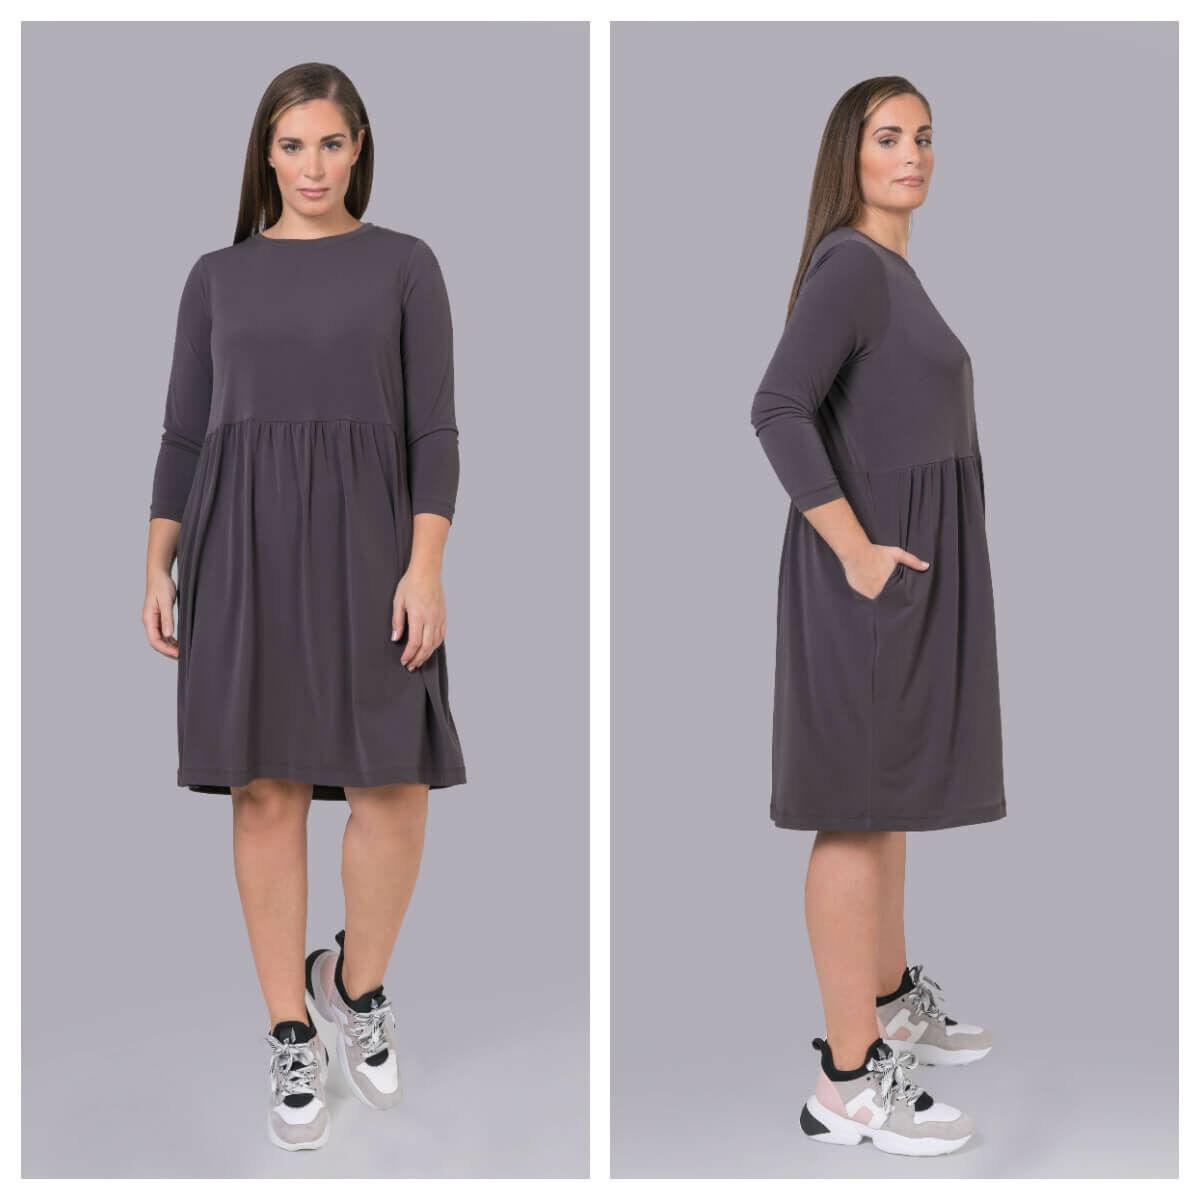 Michelle ruha - nagyméretű szürke ruha